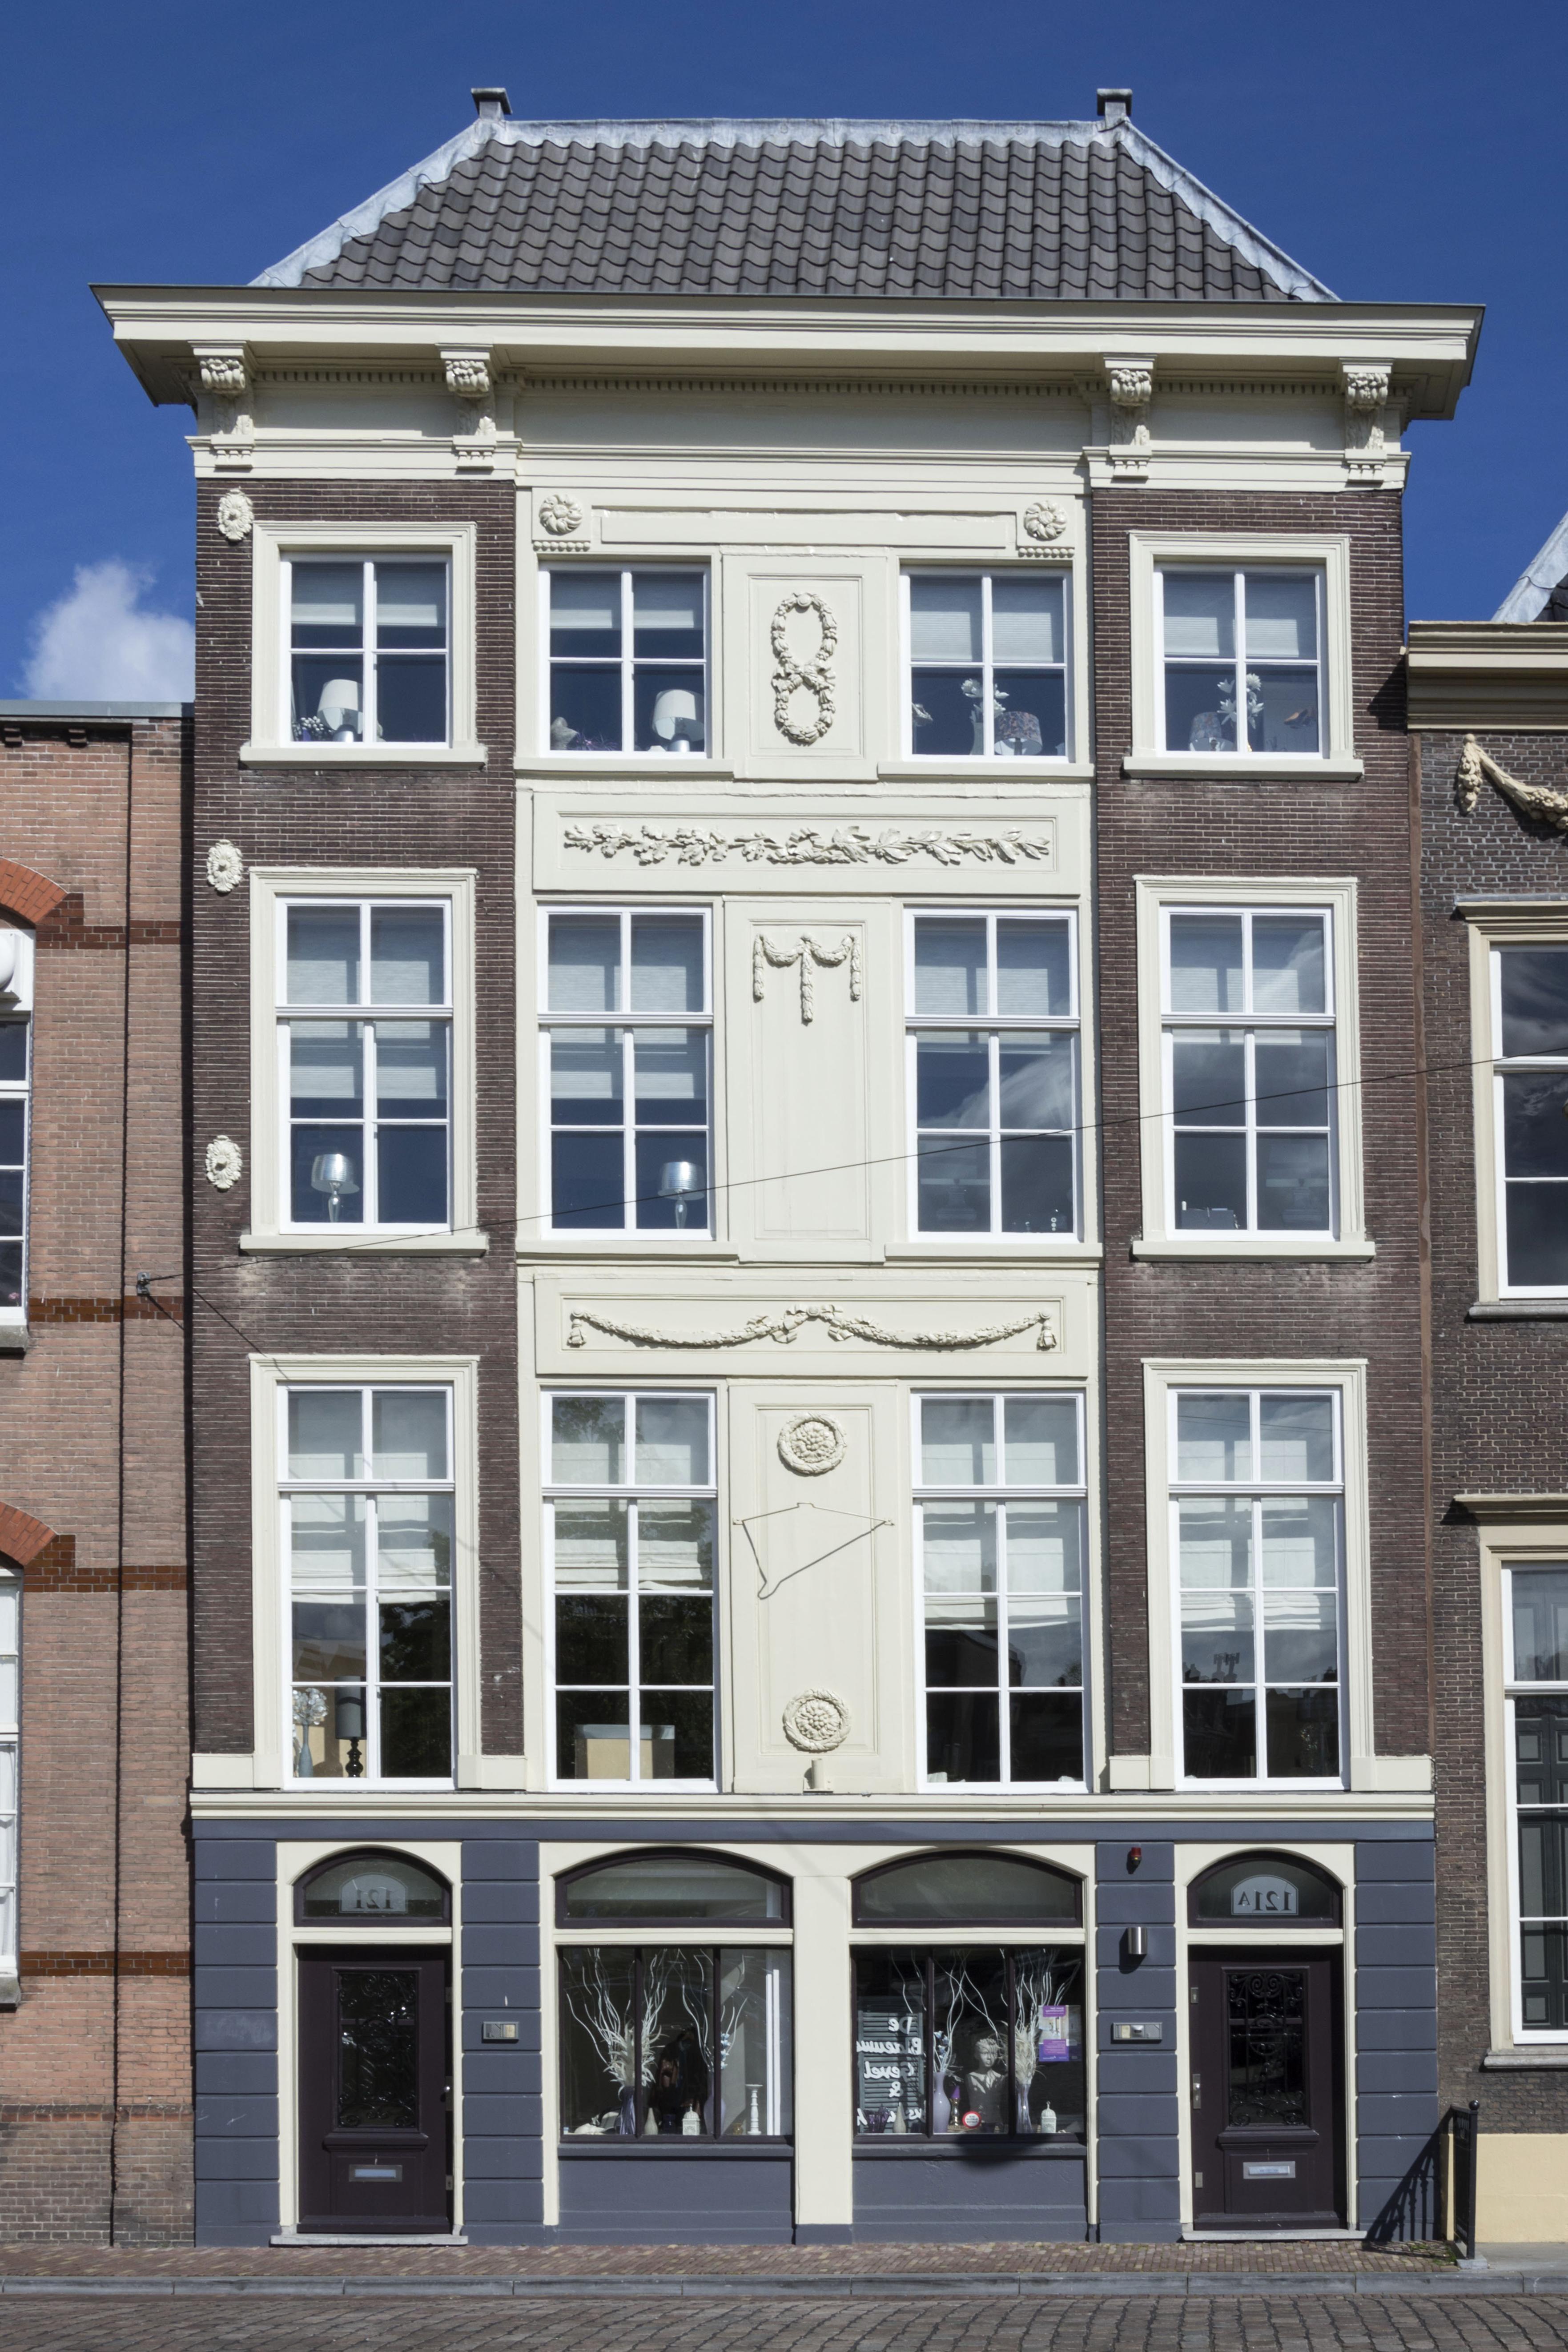 Kostenlose Bild: Architektur, Haus, Wohnung, außen, Bau, Fassade ...